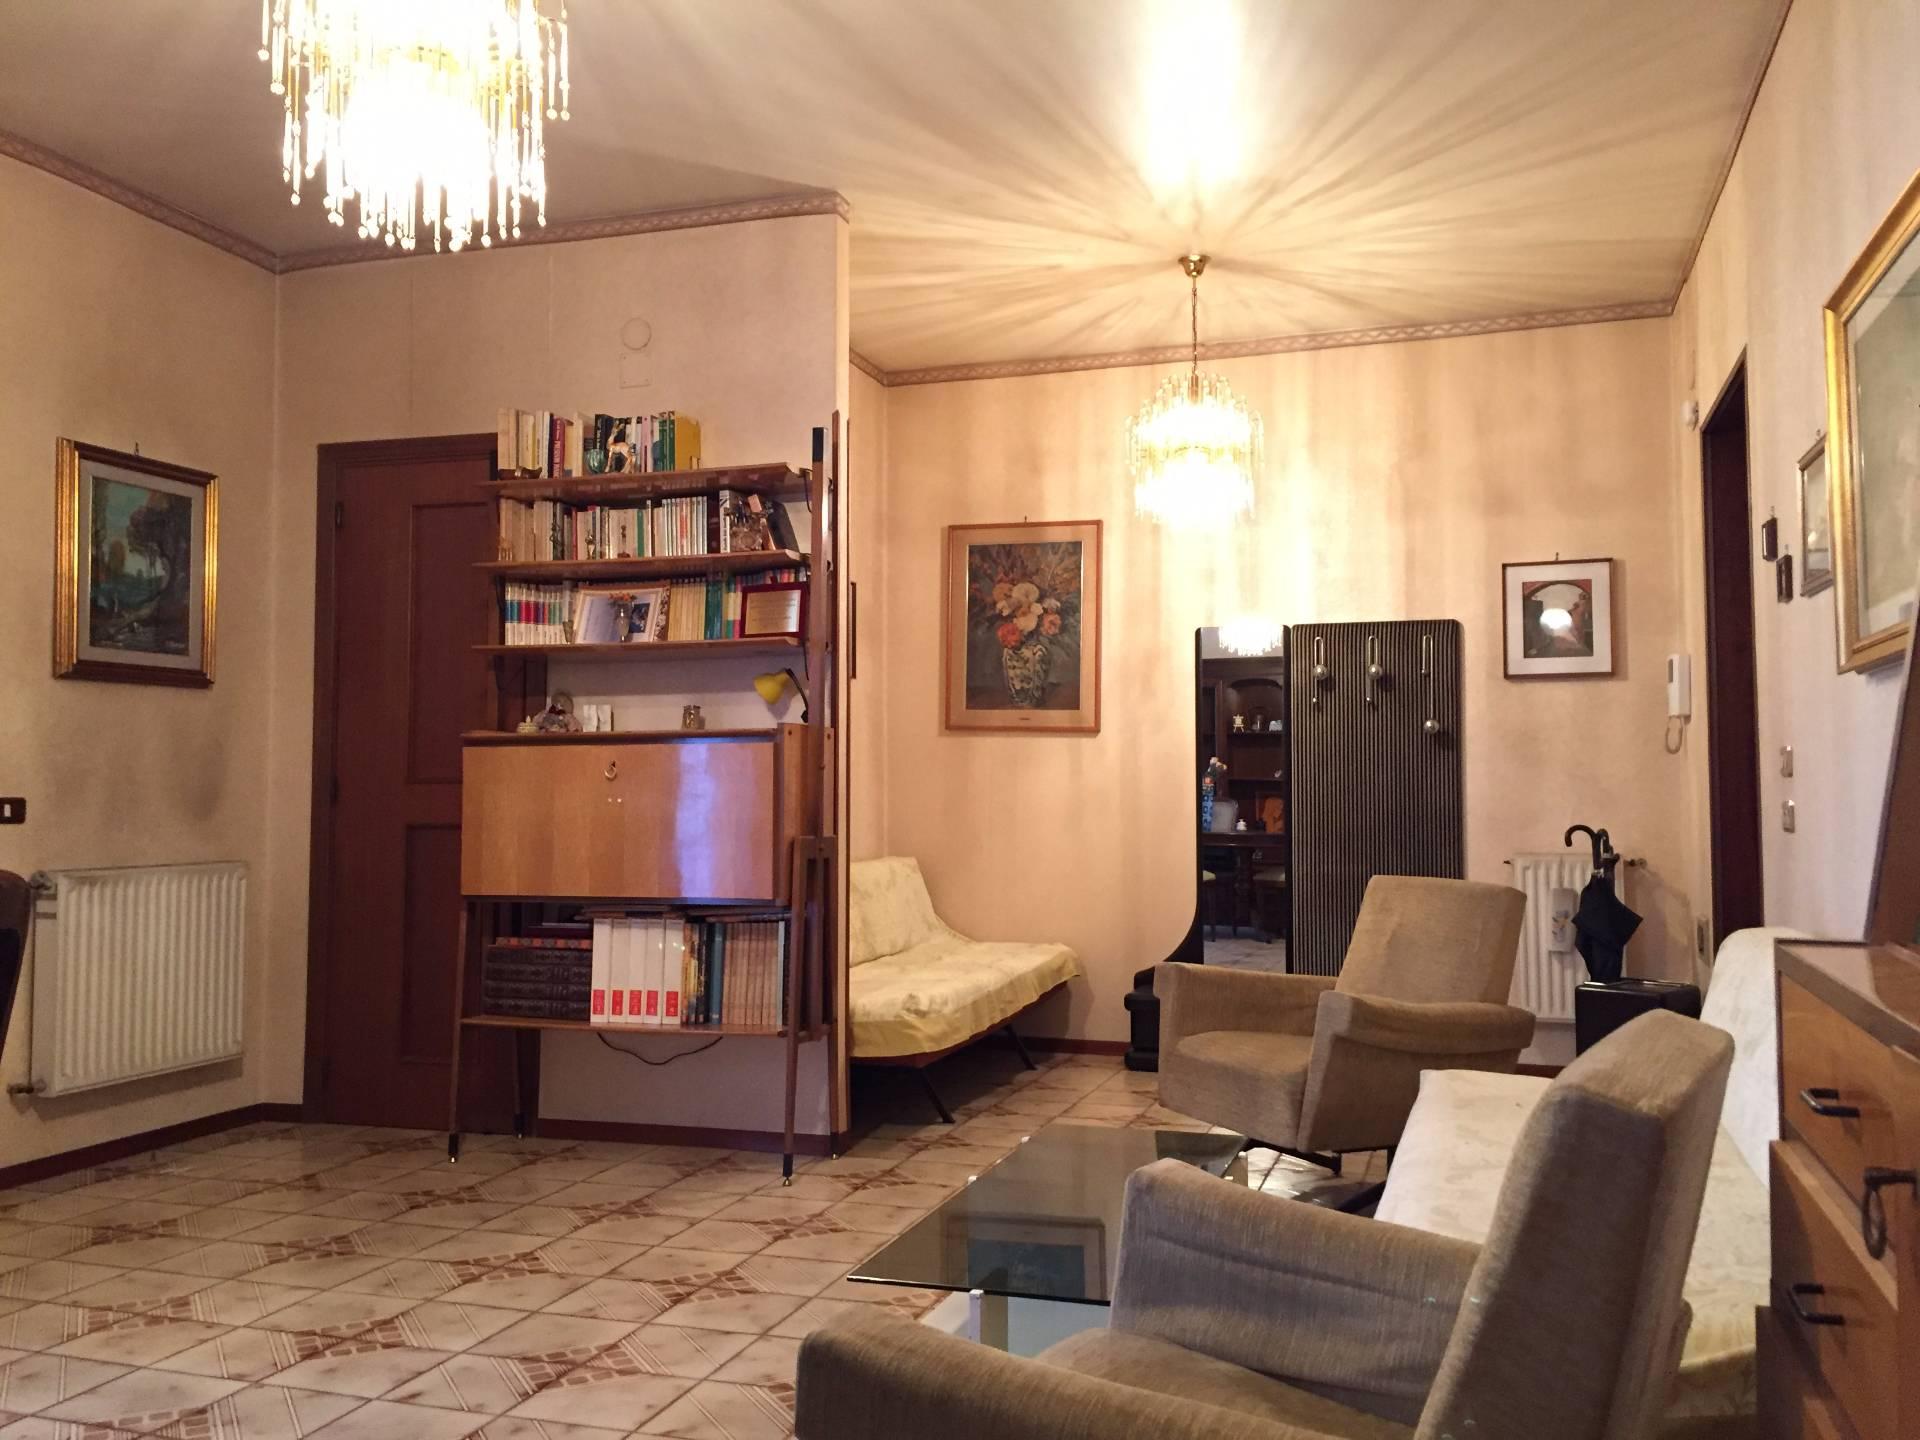 Bilocale Palermo Via Carlo Goldoni 7